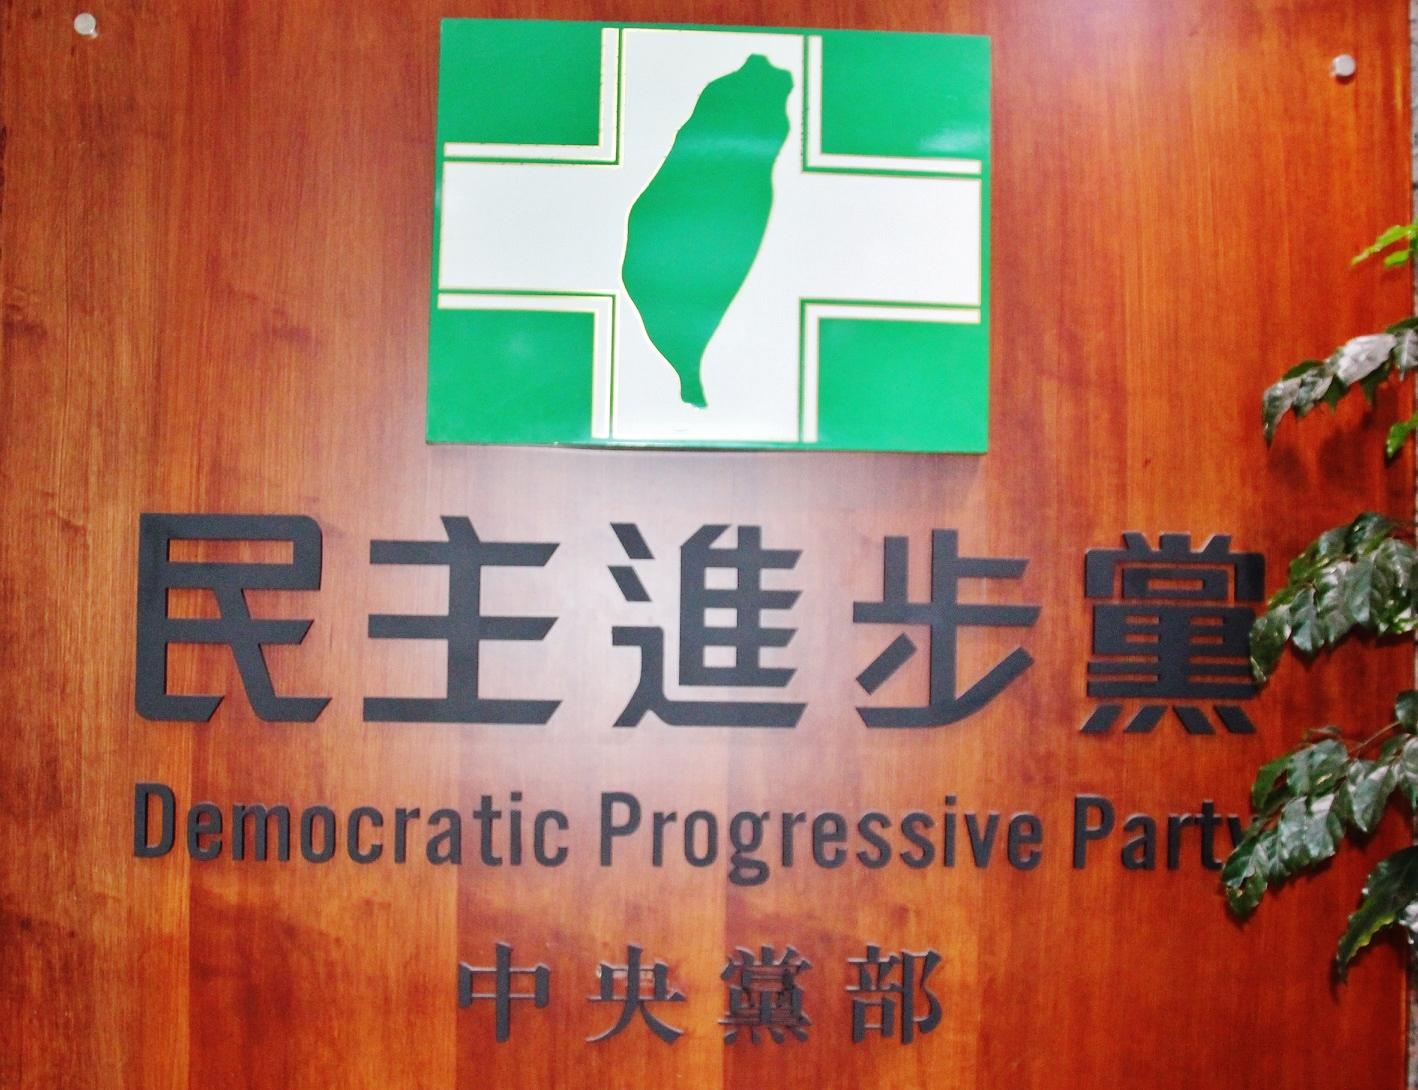 New public opinion should set nation's course: DPP